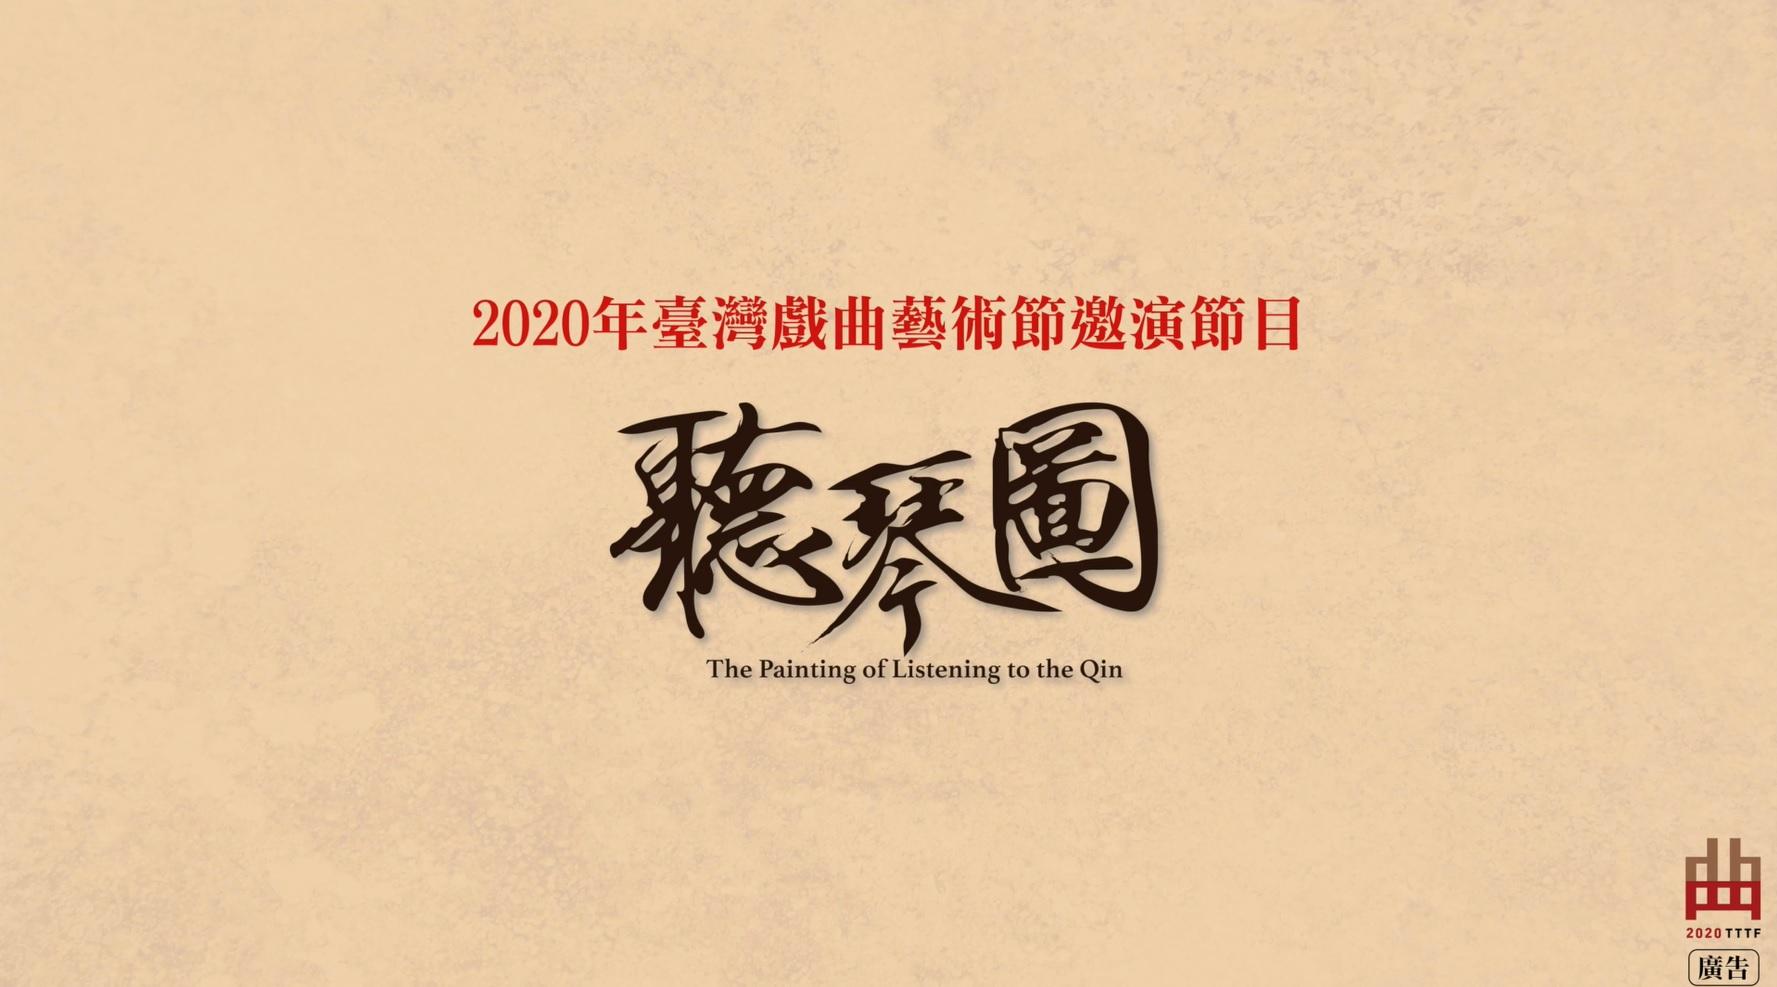 《聽琴圖》宣傳短片|2020臺灣戲曲藝術節